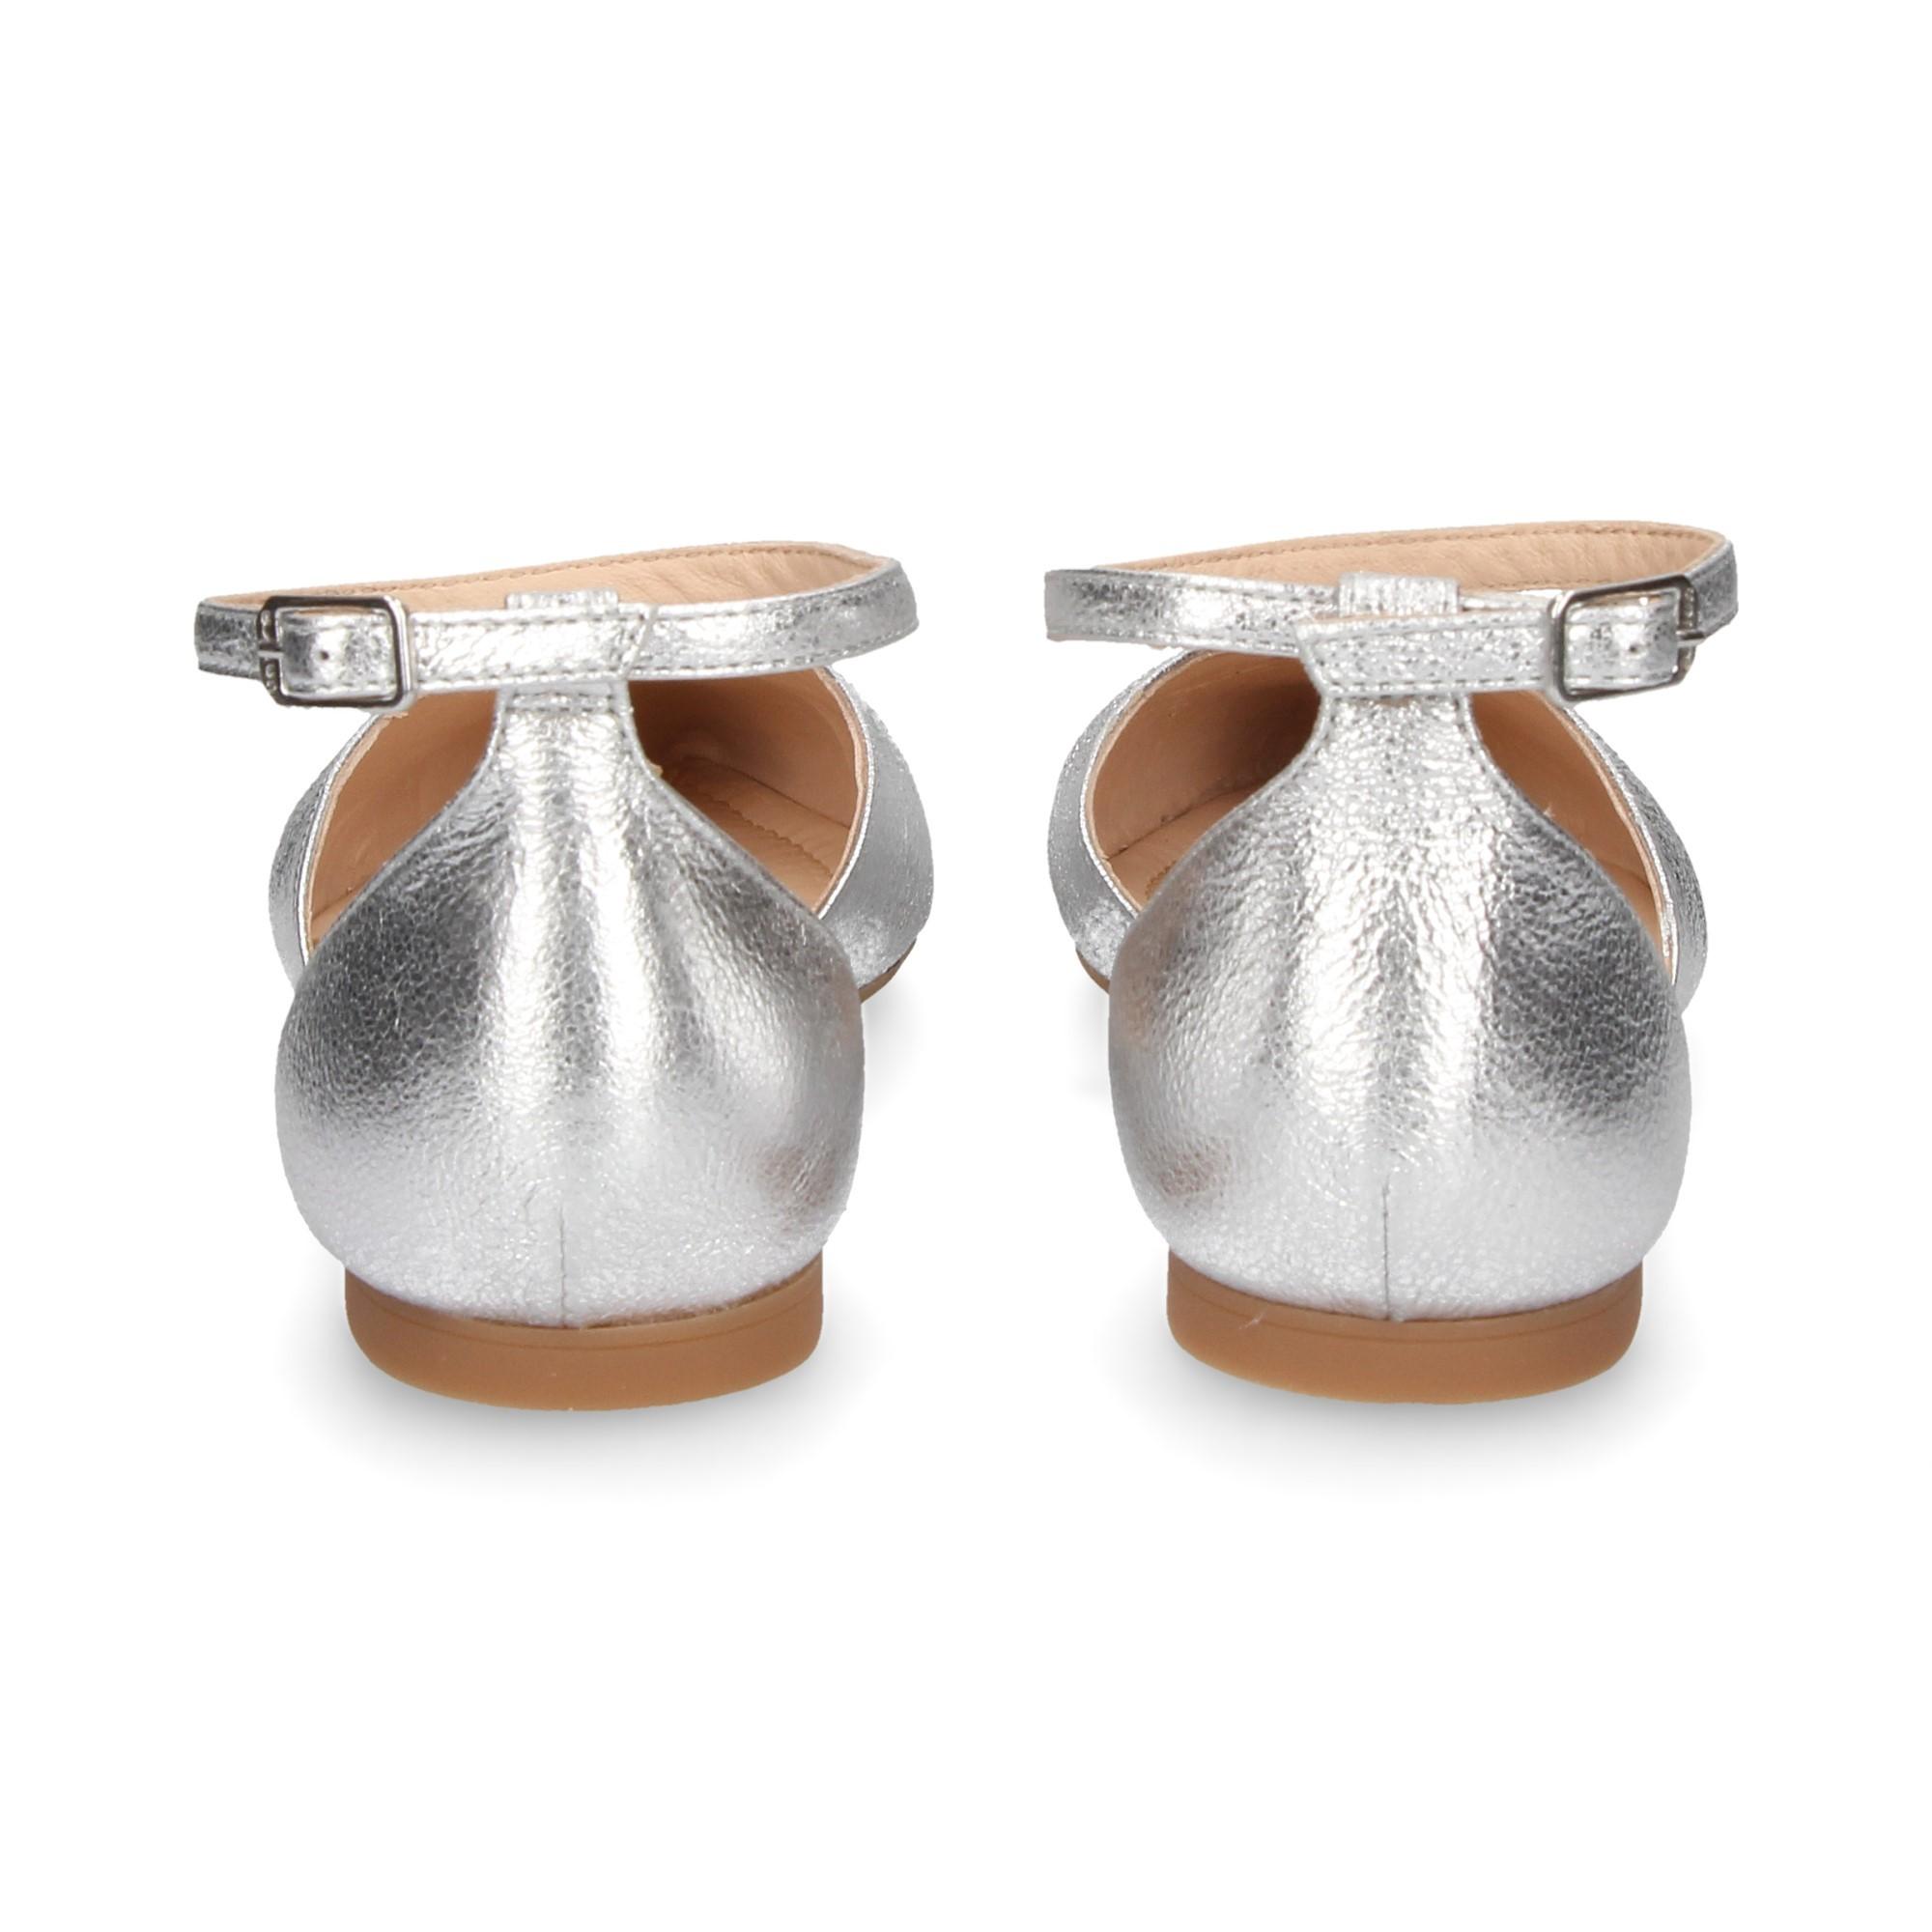 abierto-lados-escote-craquelado-plata